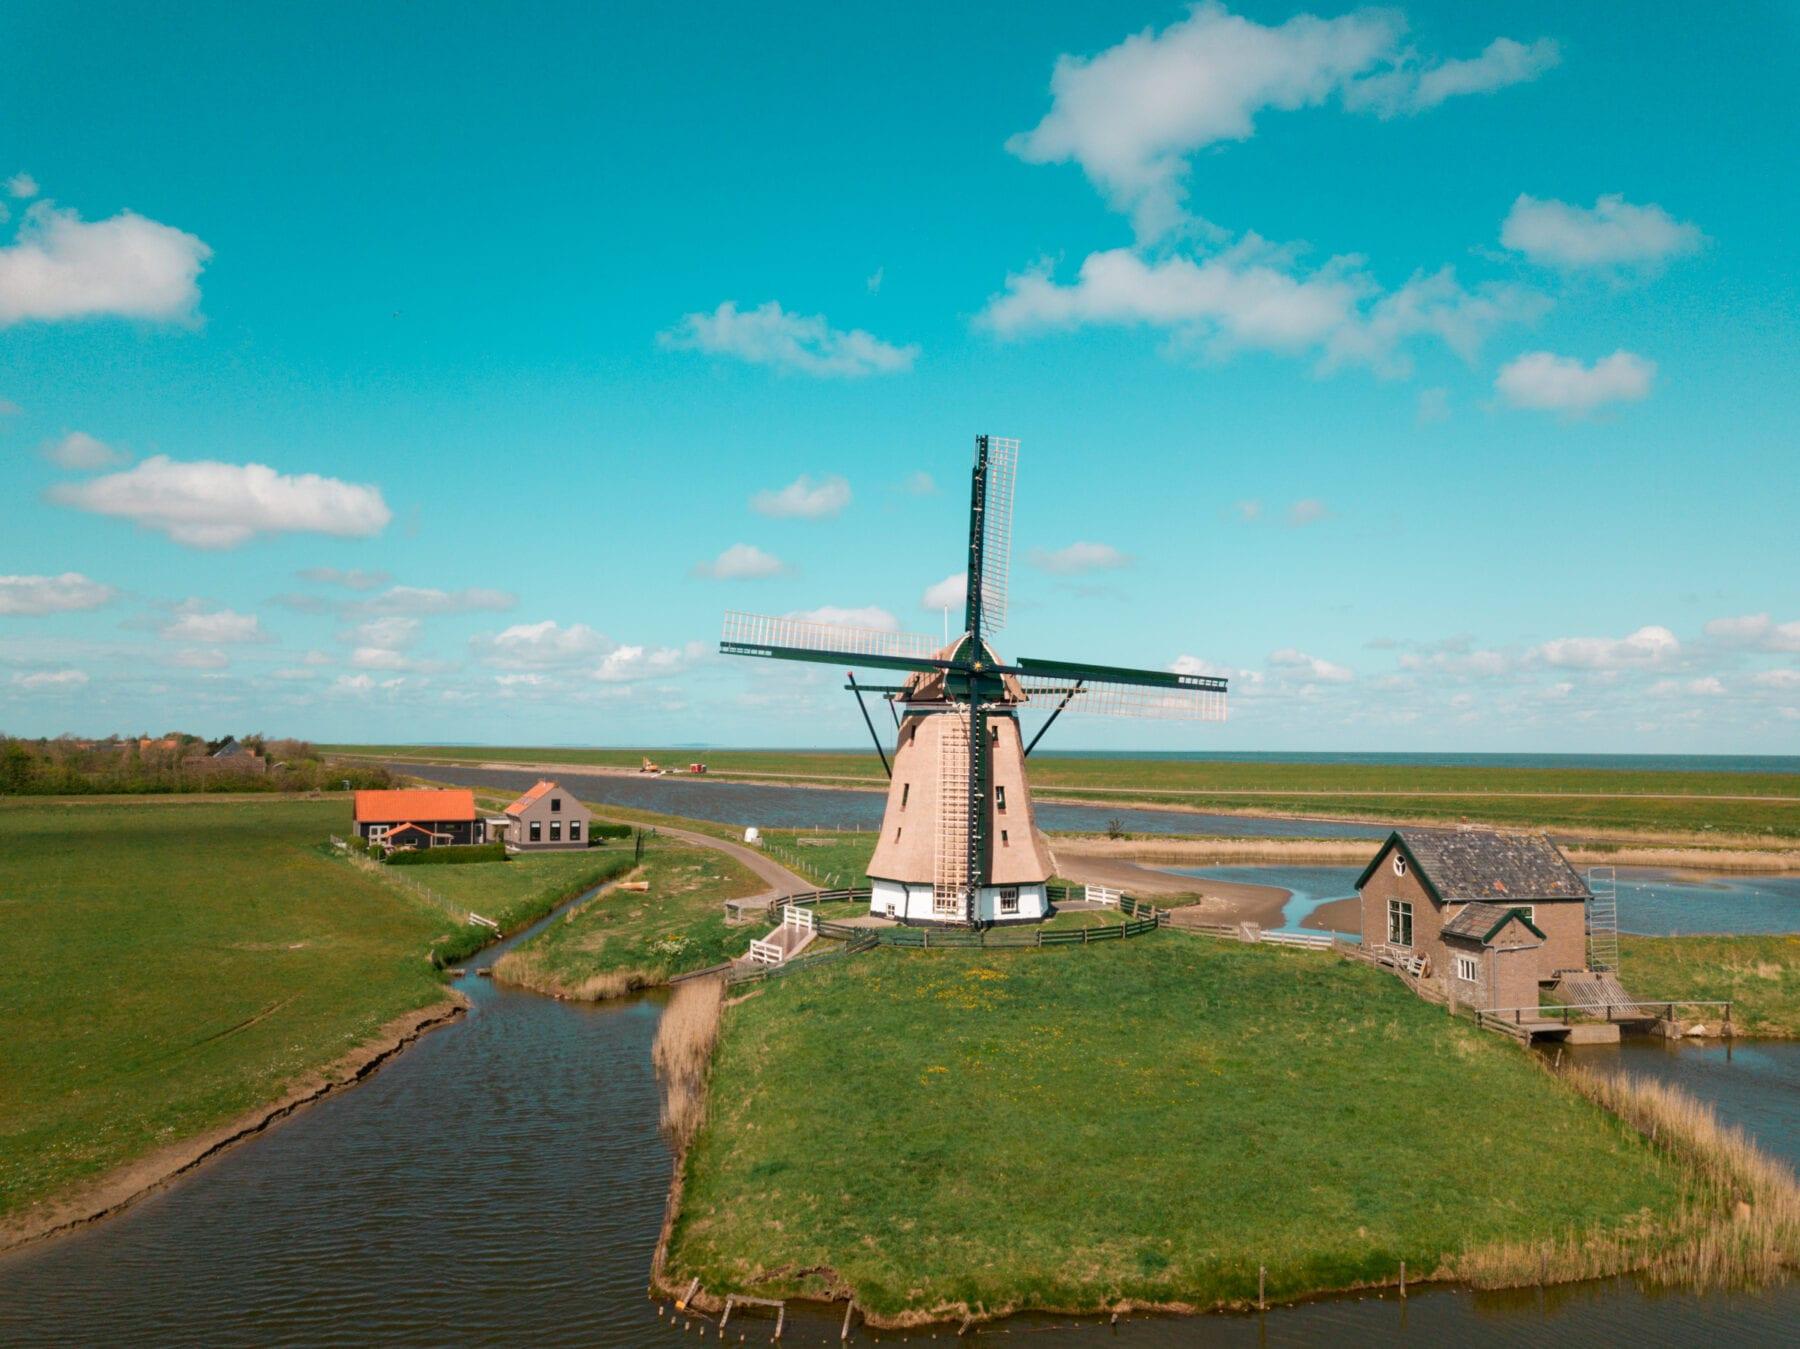 Vakantie naar Texel molen